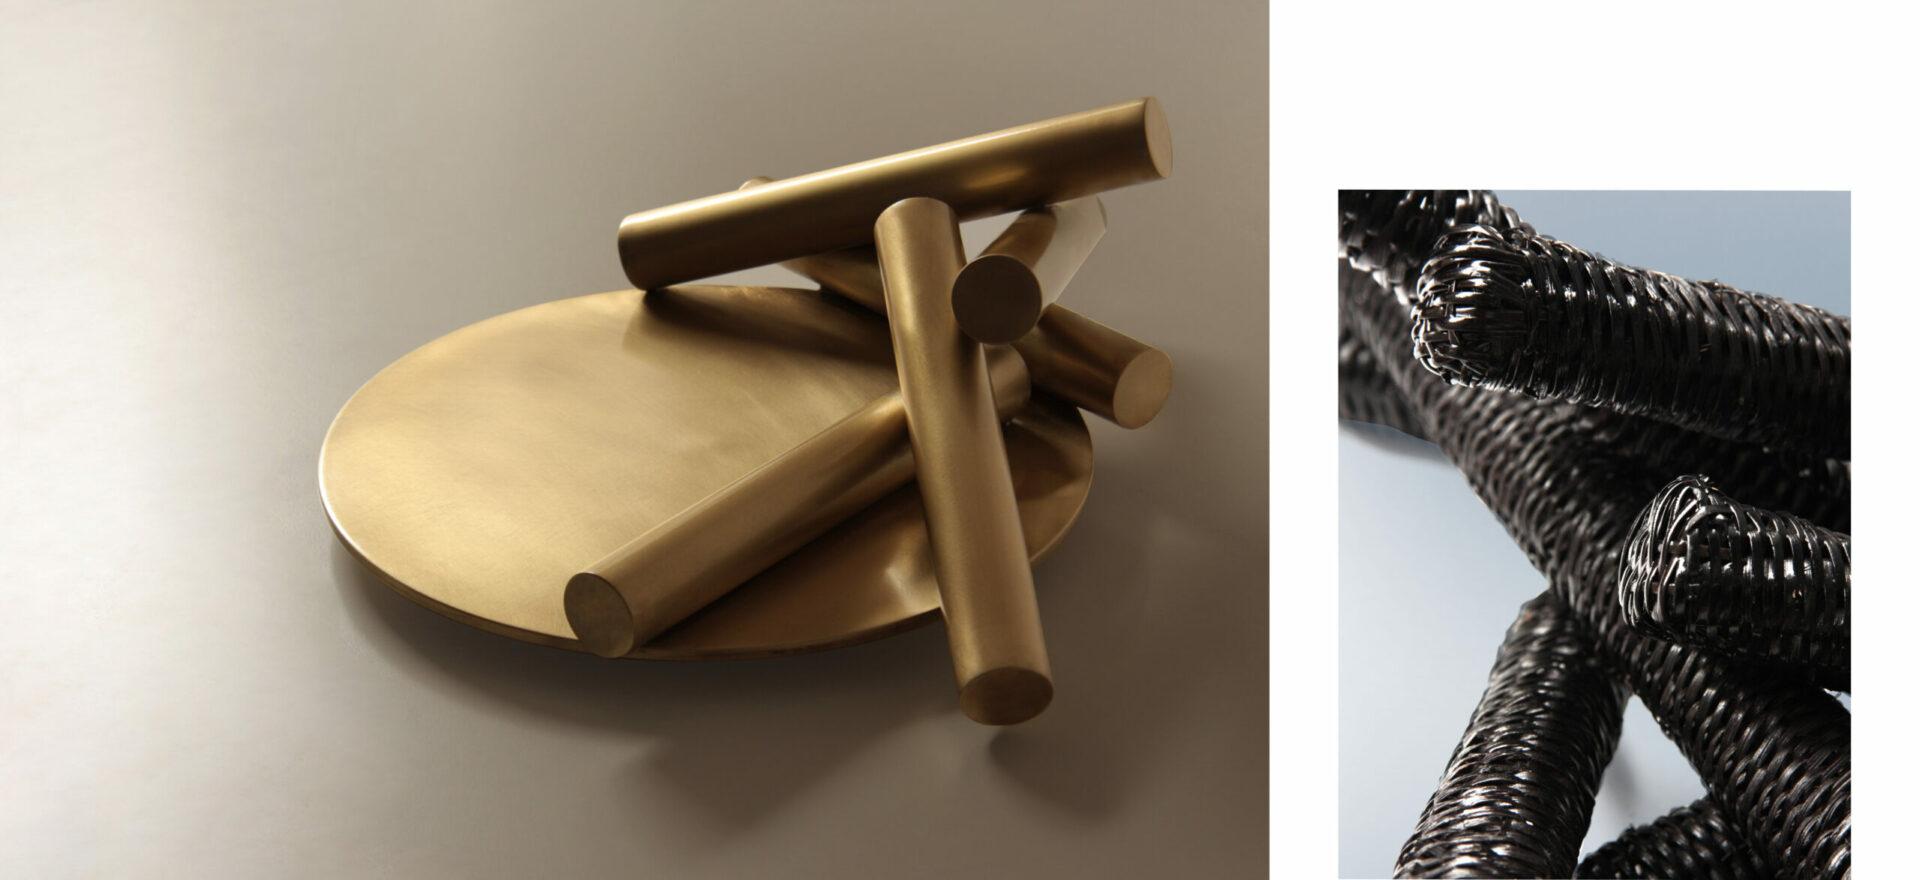 Terrae Motus_MT Artworks_Parallel2021_Moscapartners_Mia-Milan Photo Art Fair_Mario Trimarchi Design2